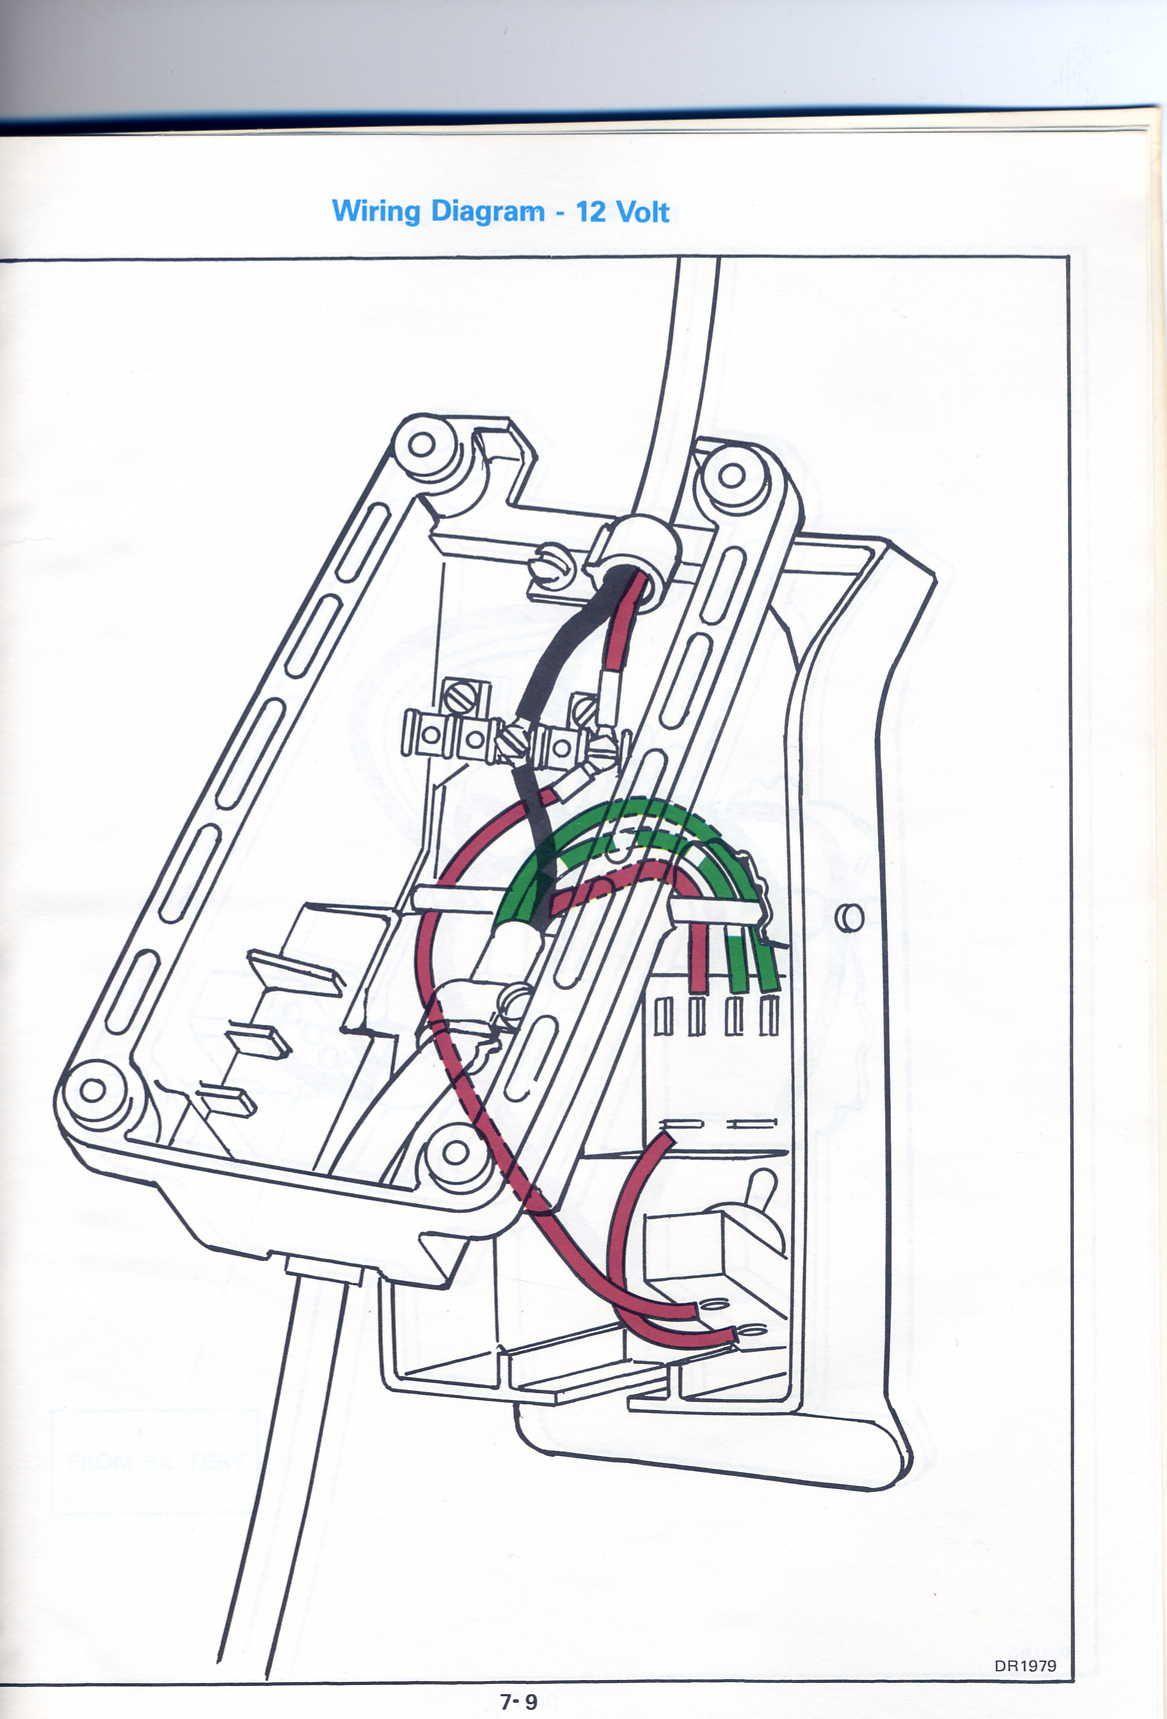 e9ac118988a799798ce5d9754a4dc5df motorguide trolling motor wiring diagram & motorguide trolling motorguide 24 volt trolling motor wiring diagram at gsmportal.co